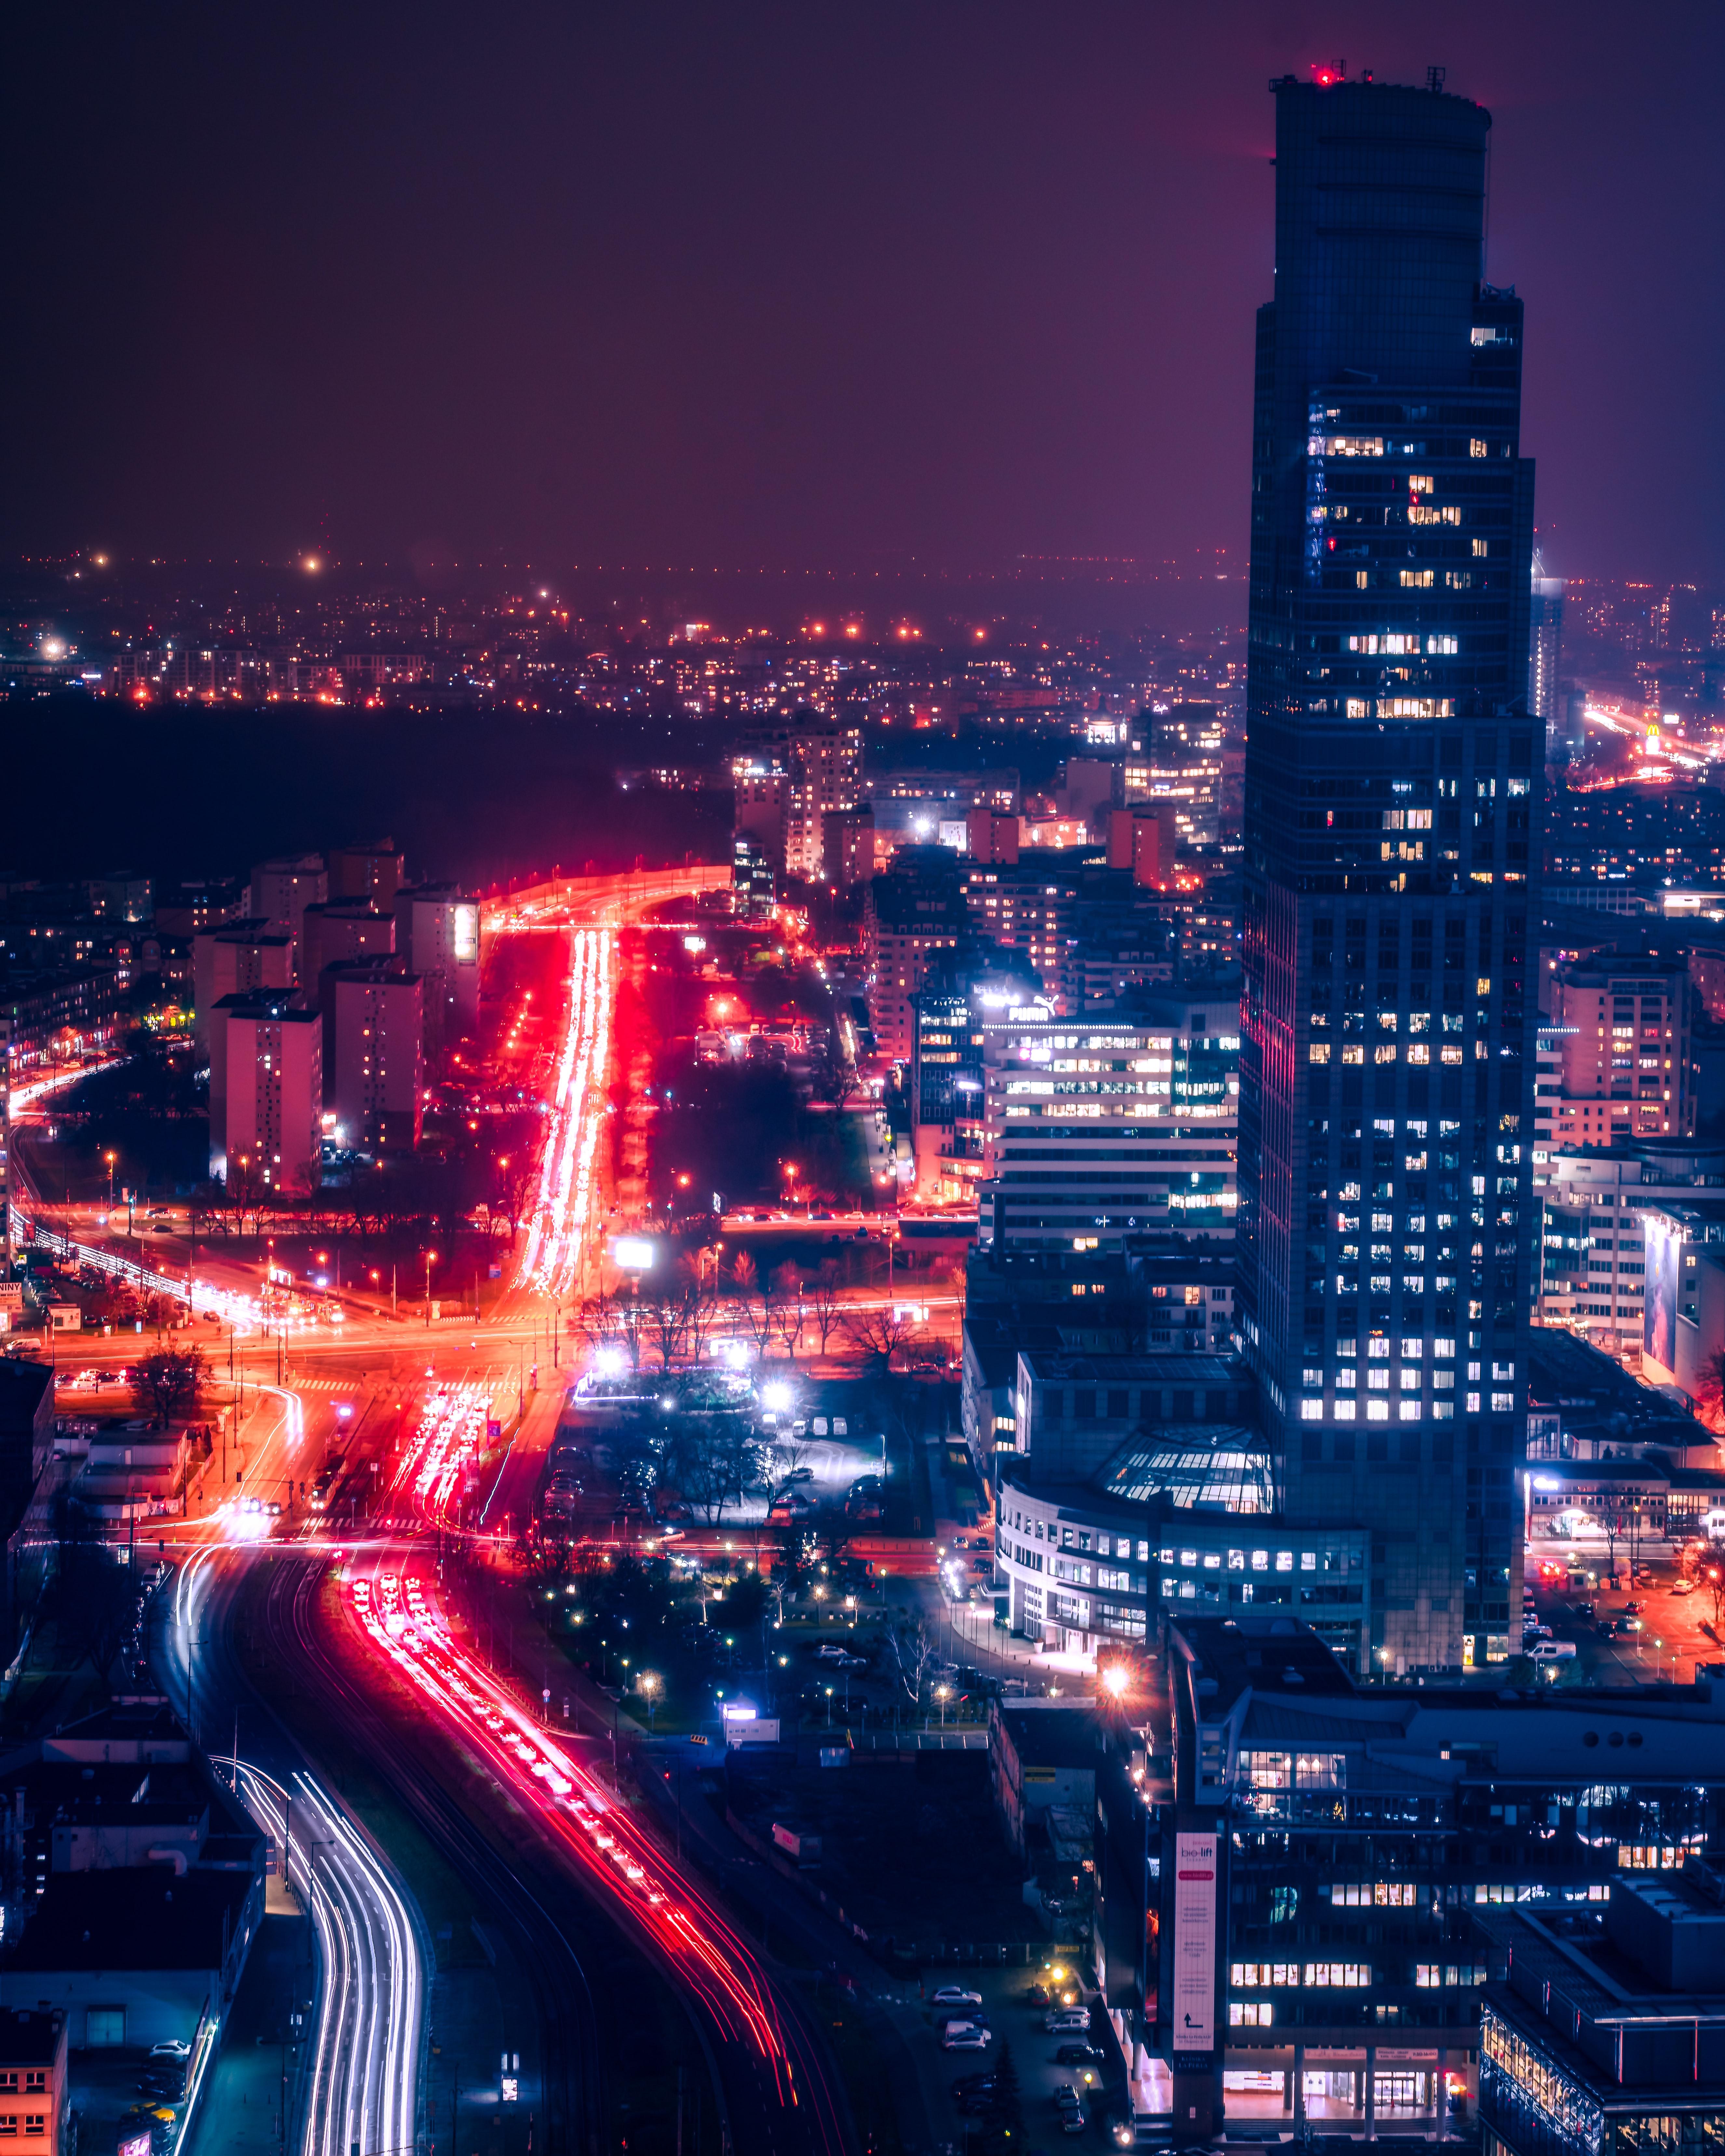 79177 Hintergrundbild herunterladen Städte, Roads, Gebäude, Die Lichter, Lichter, Blick Von Oben, Dunkel, Nächtliche Stadt, Night City - Bildschirmschoner und Bilder kostenlos